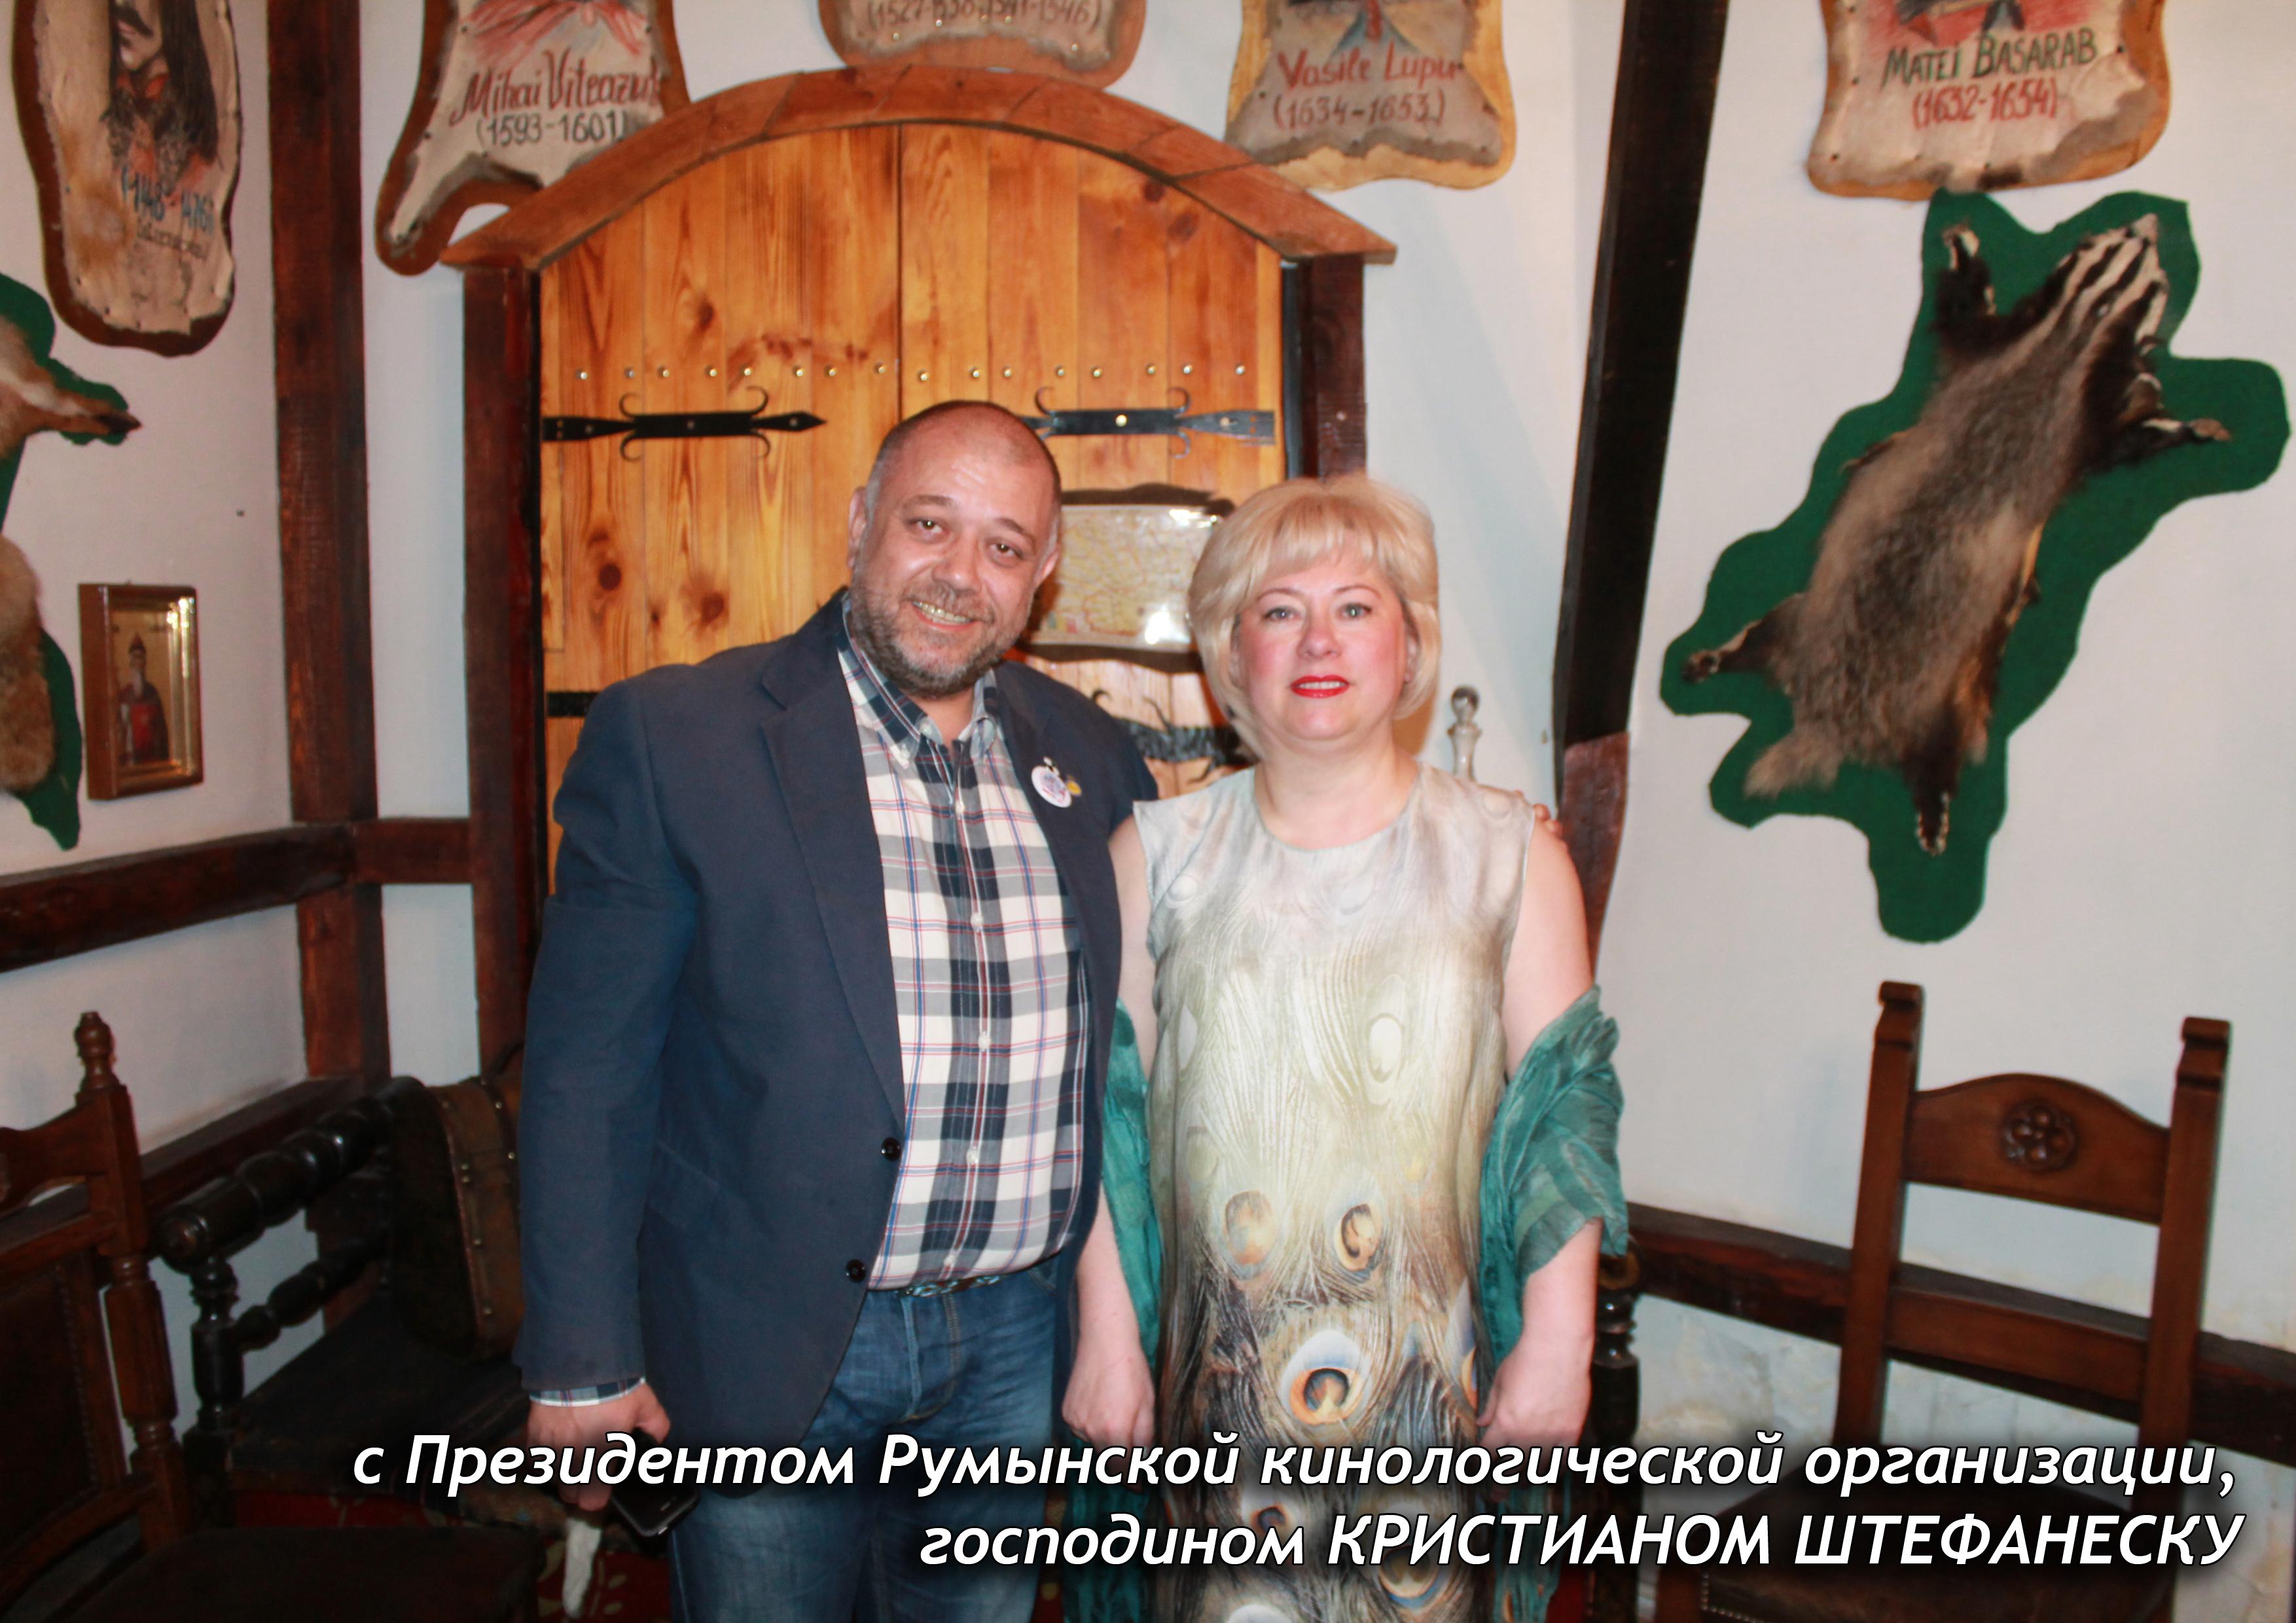 s Prezidentom Rumy`nskoi` kinologicheskoi` organizatcii, gos. KRISTIANOM SHTEFANESKU1